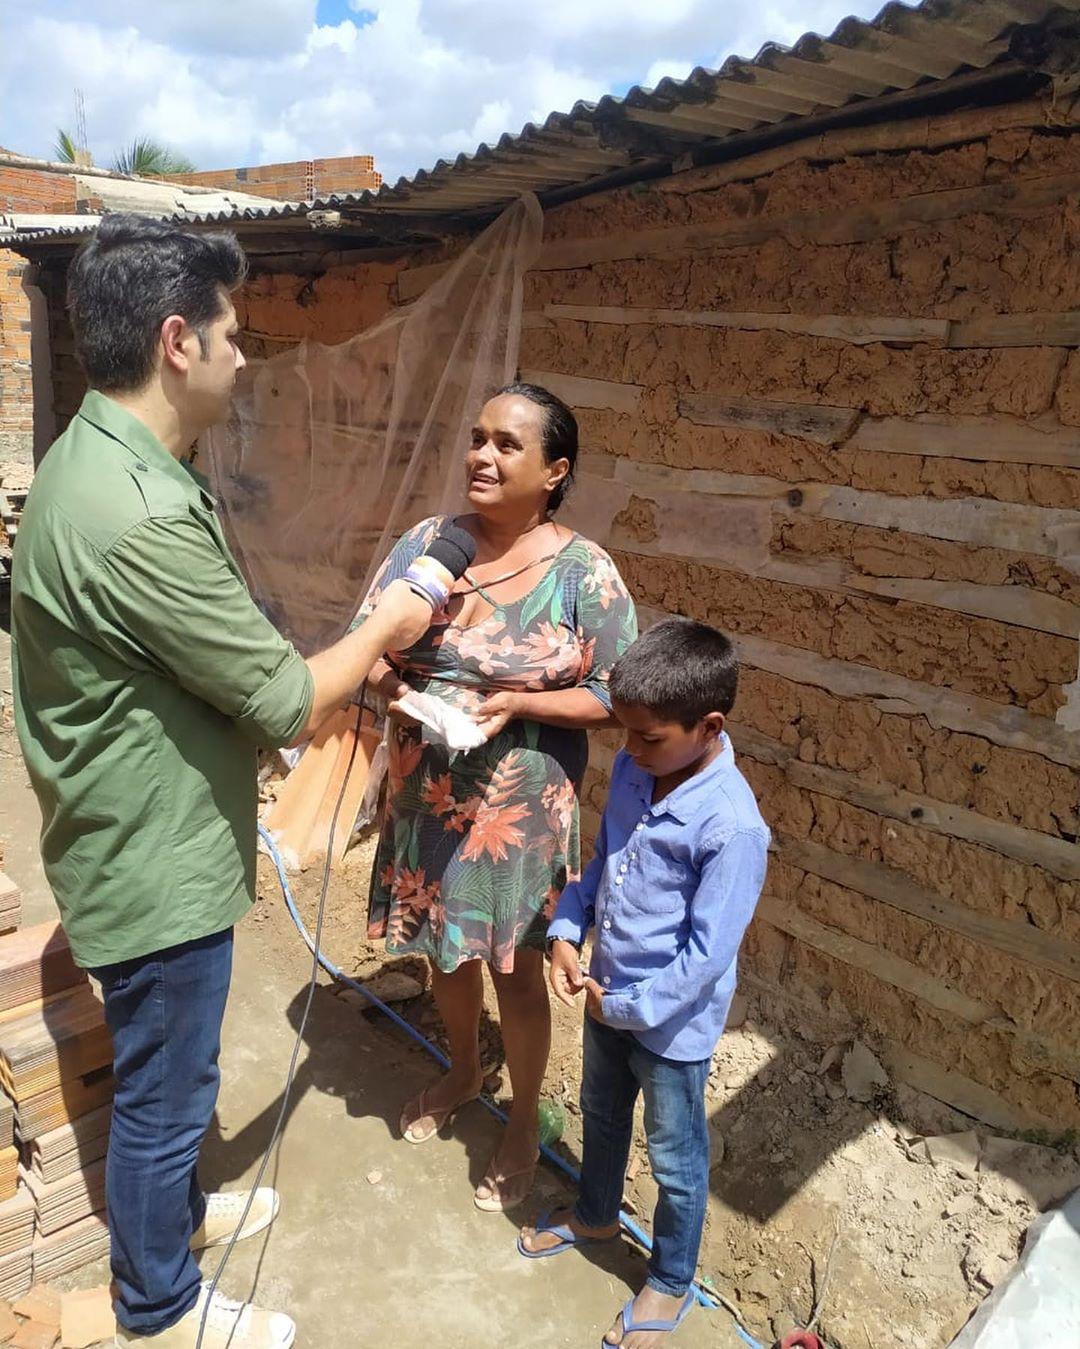 menino que vendia salgados ao lado mãe sendo entrevistada para Hora do Faro